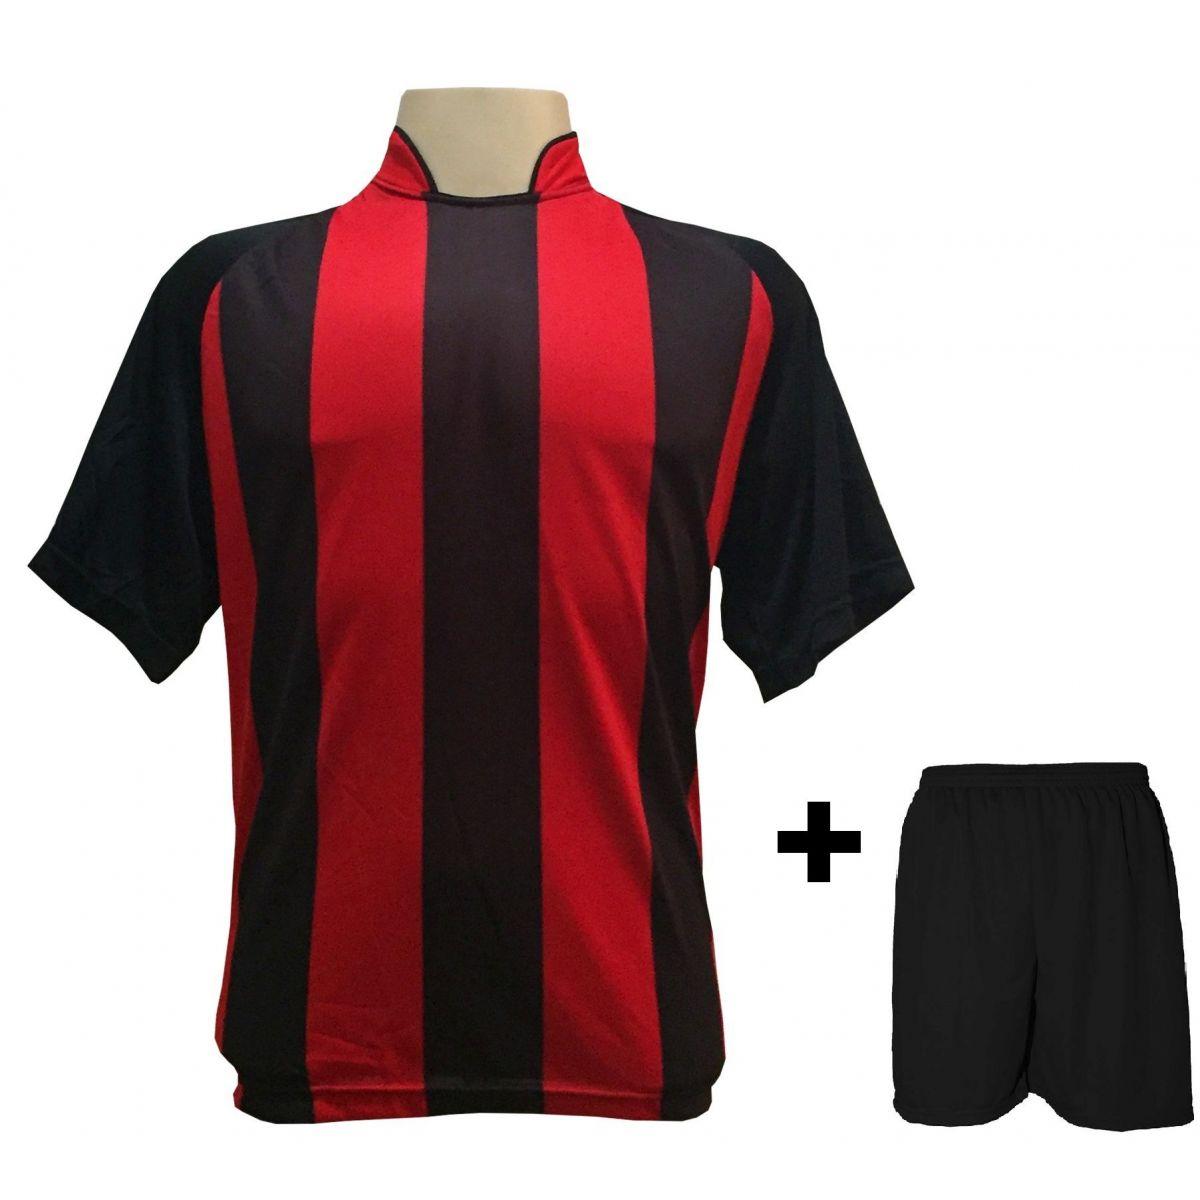 Fardamento - Jogo de Camisa modelo Milan + Calção com 20 Preto Vermelho -  PlayFair - Frete Grátis Brasil + Brindes 8c3d5d2d99f6c